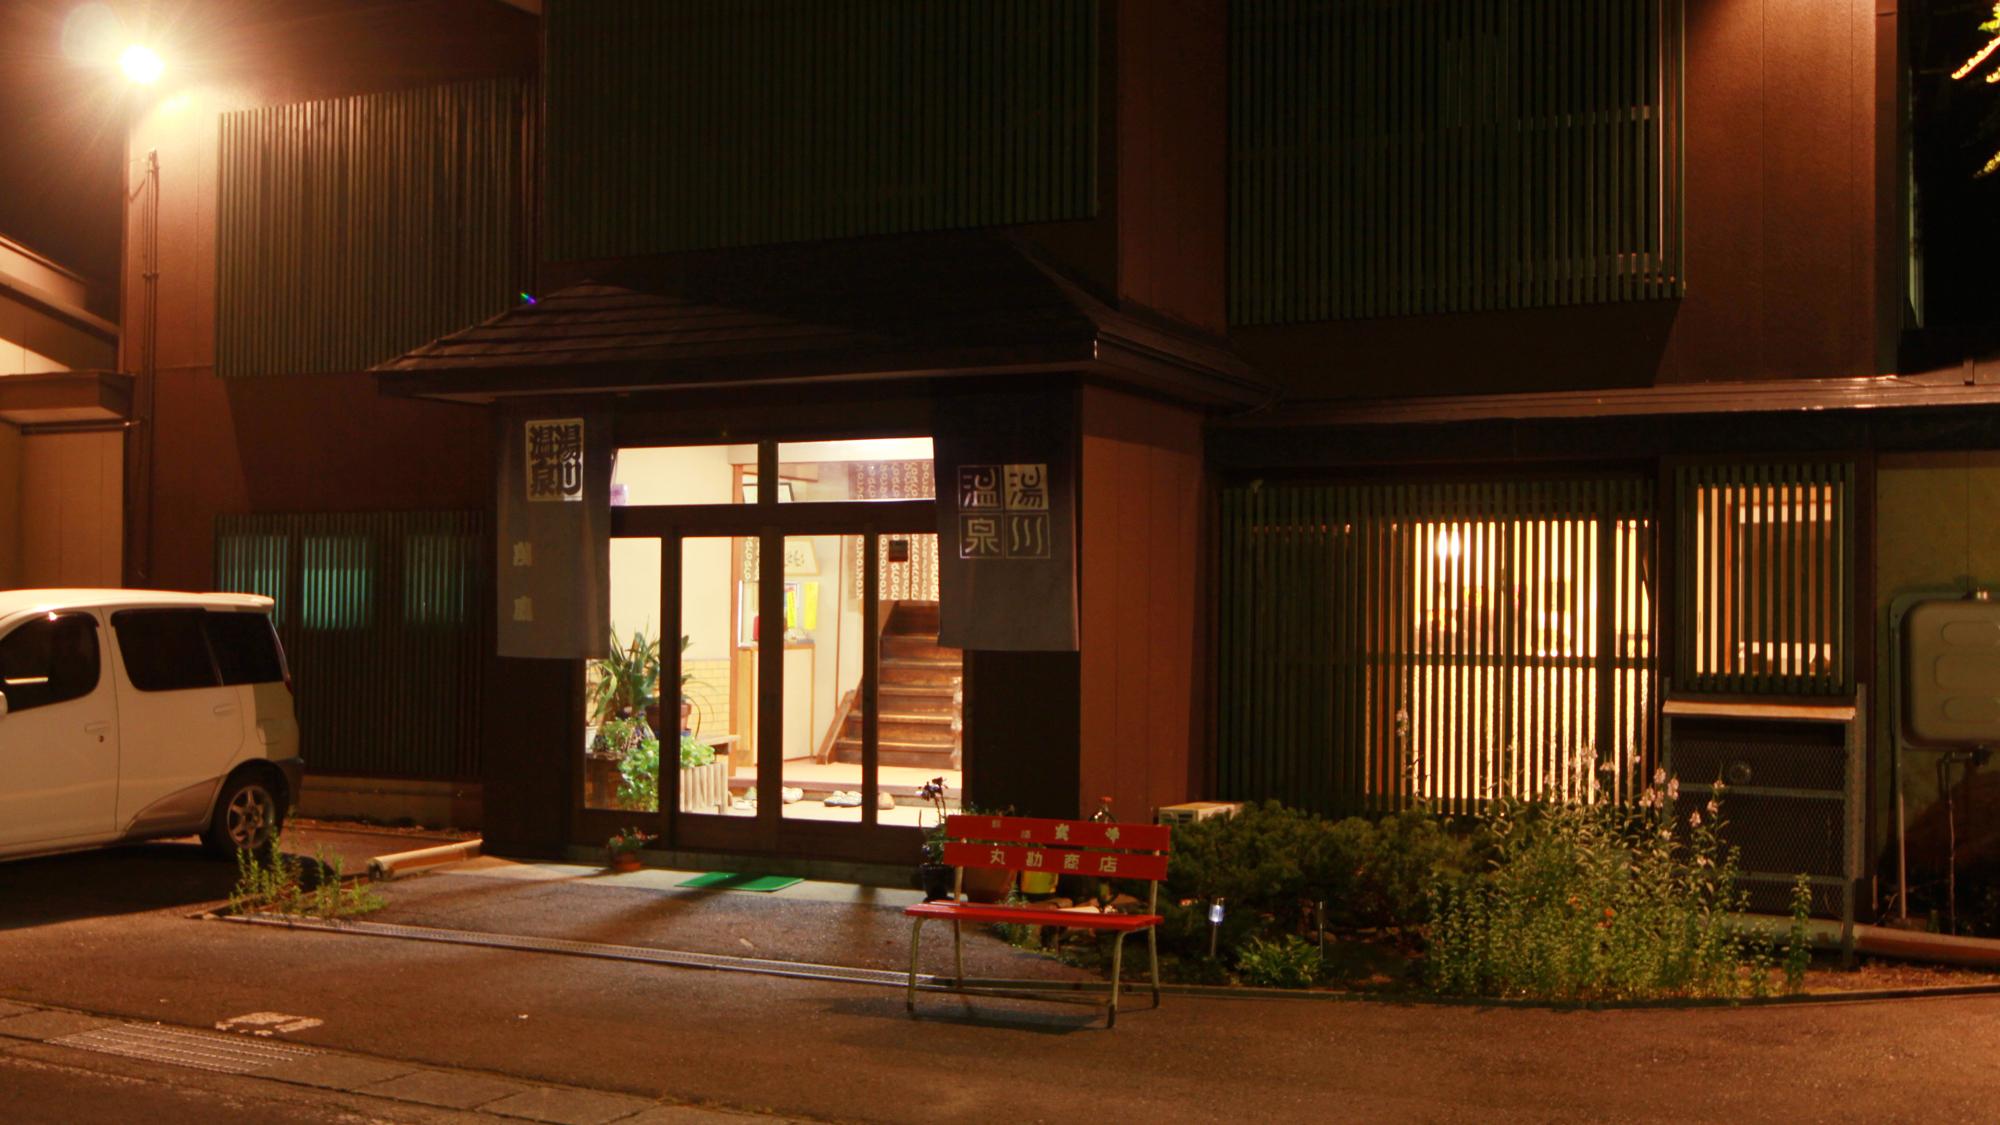 湯川温泉 食べる宿 萬鷹旅館